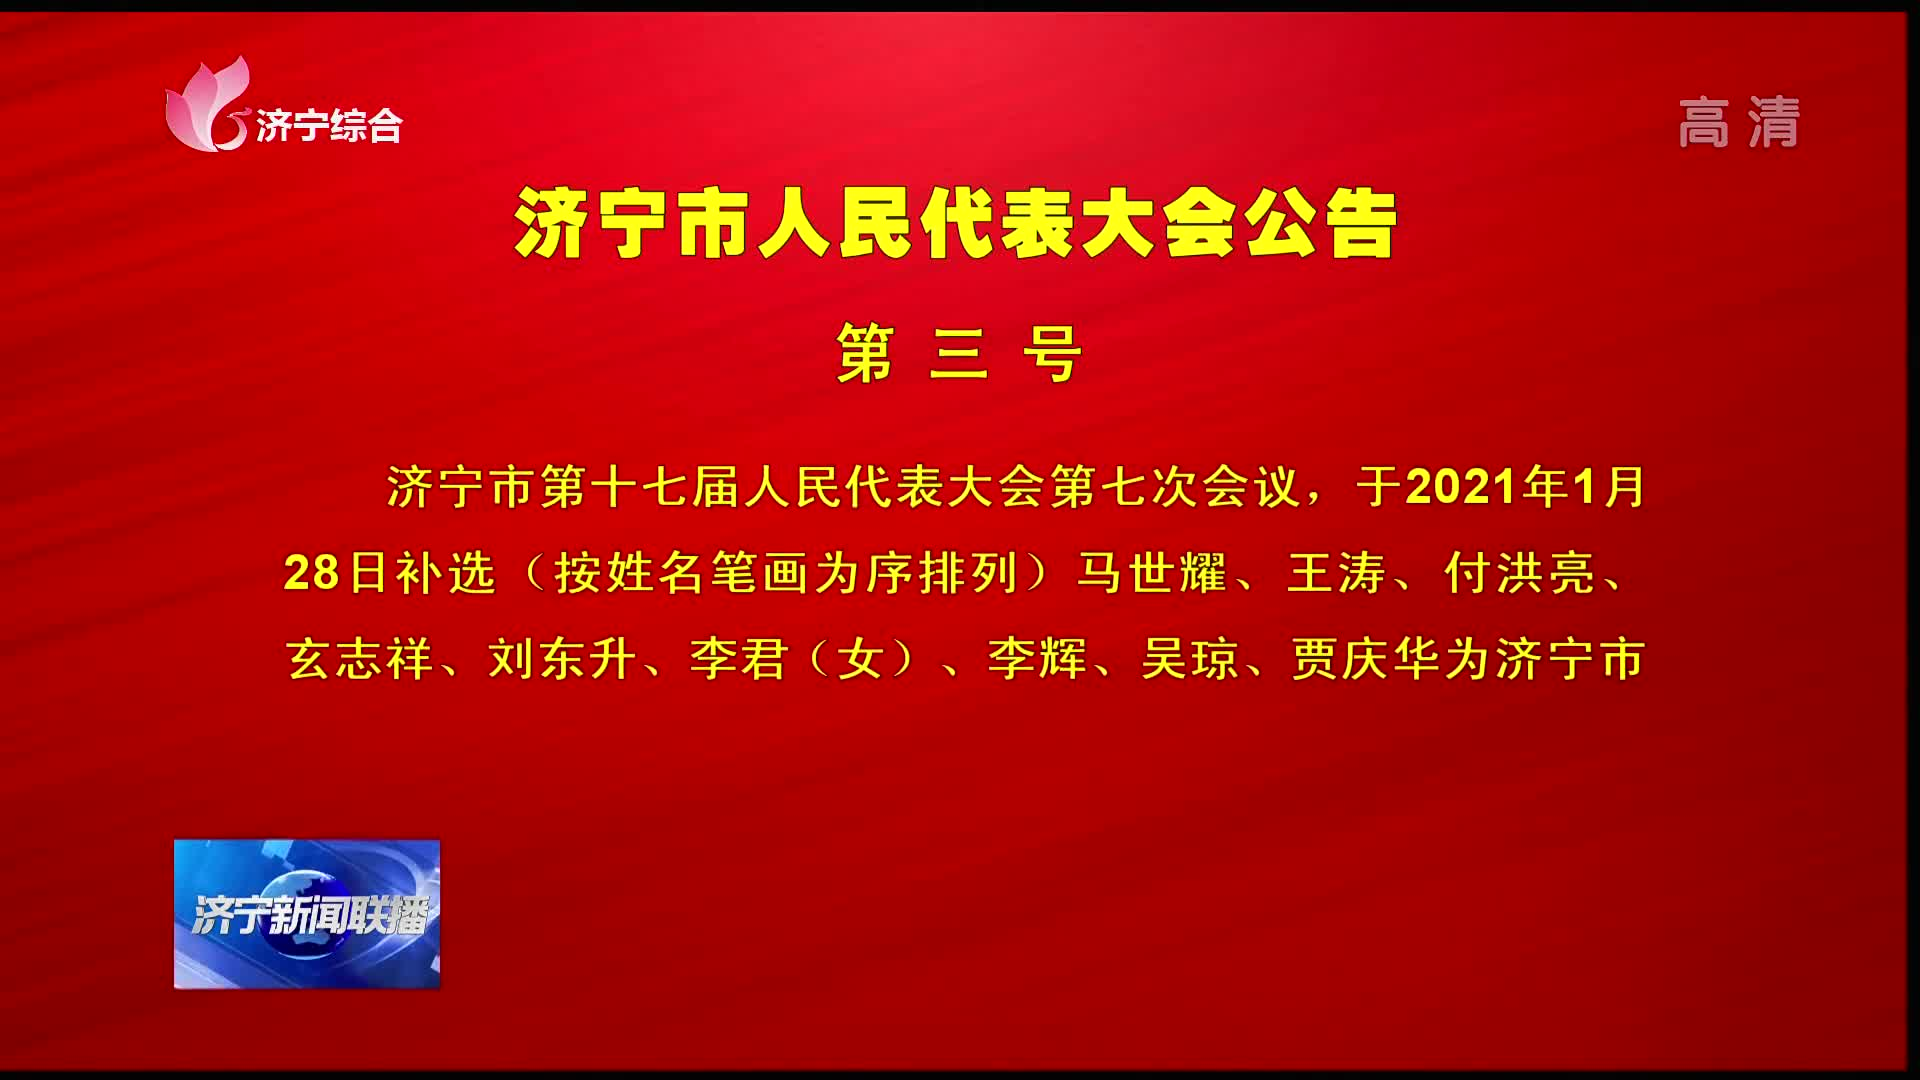 济宁市人民代表大会公告第三号